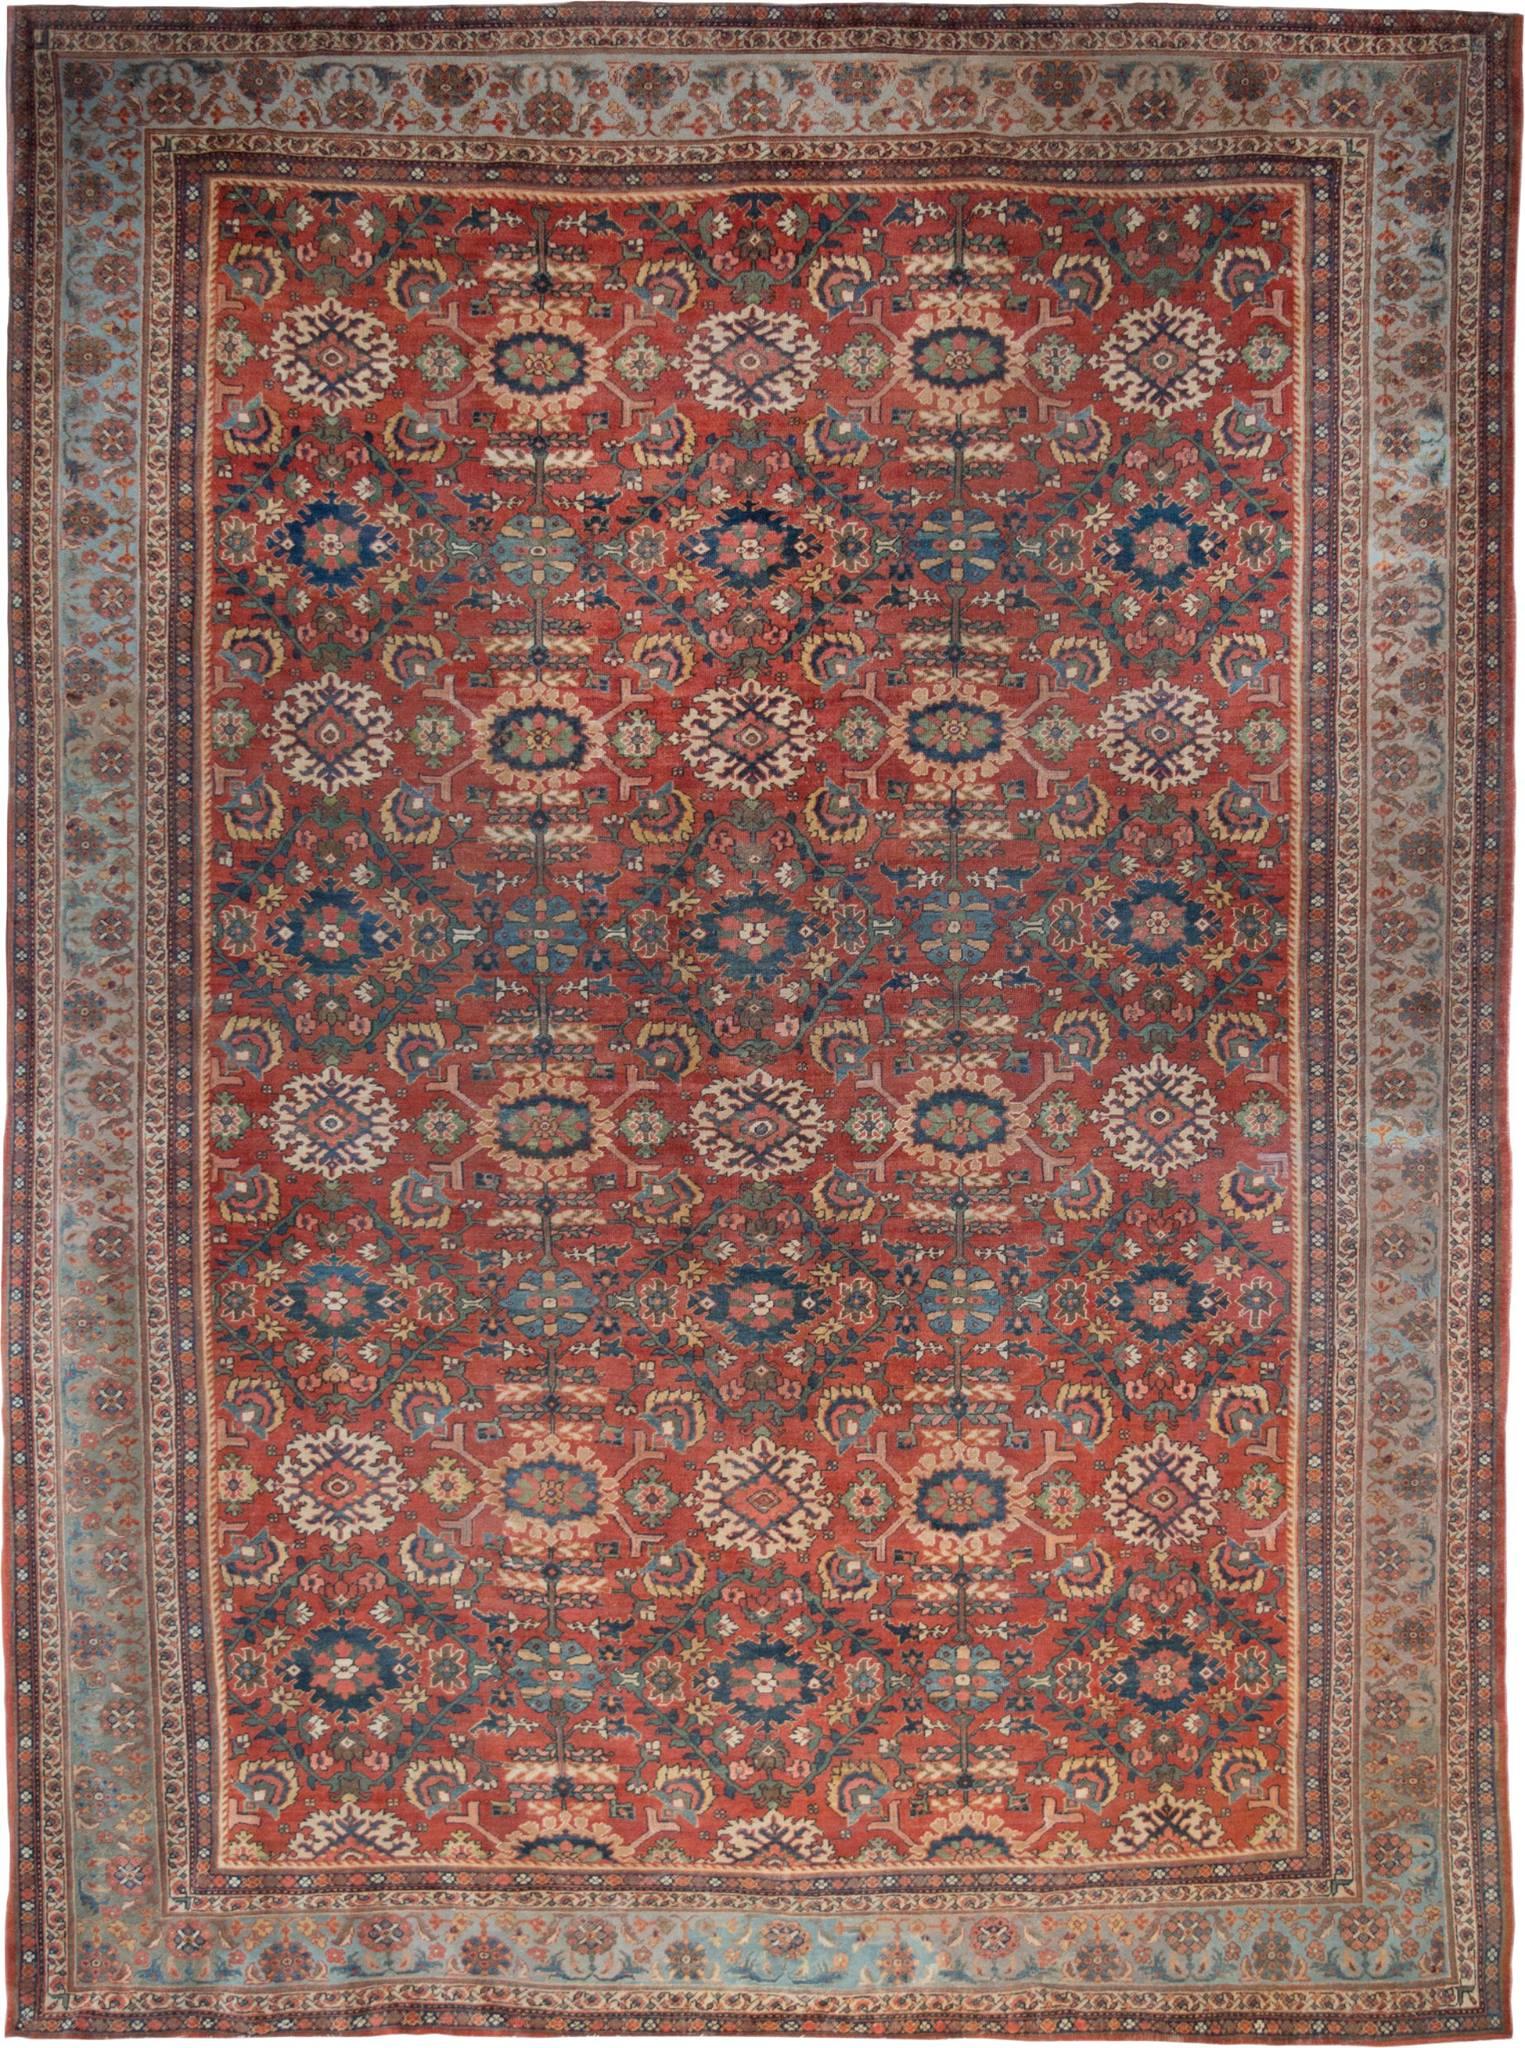 Antique rug, Meshkabad Rug, Mahal Rug